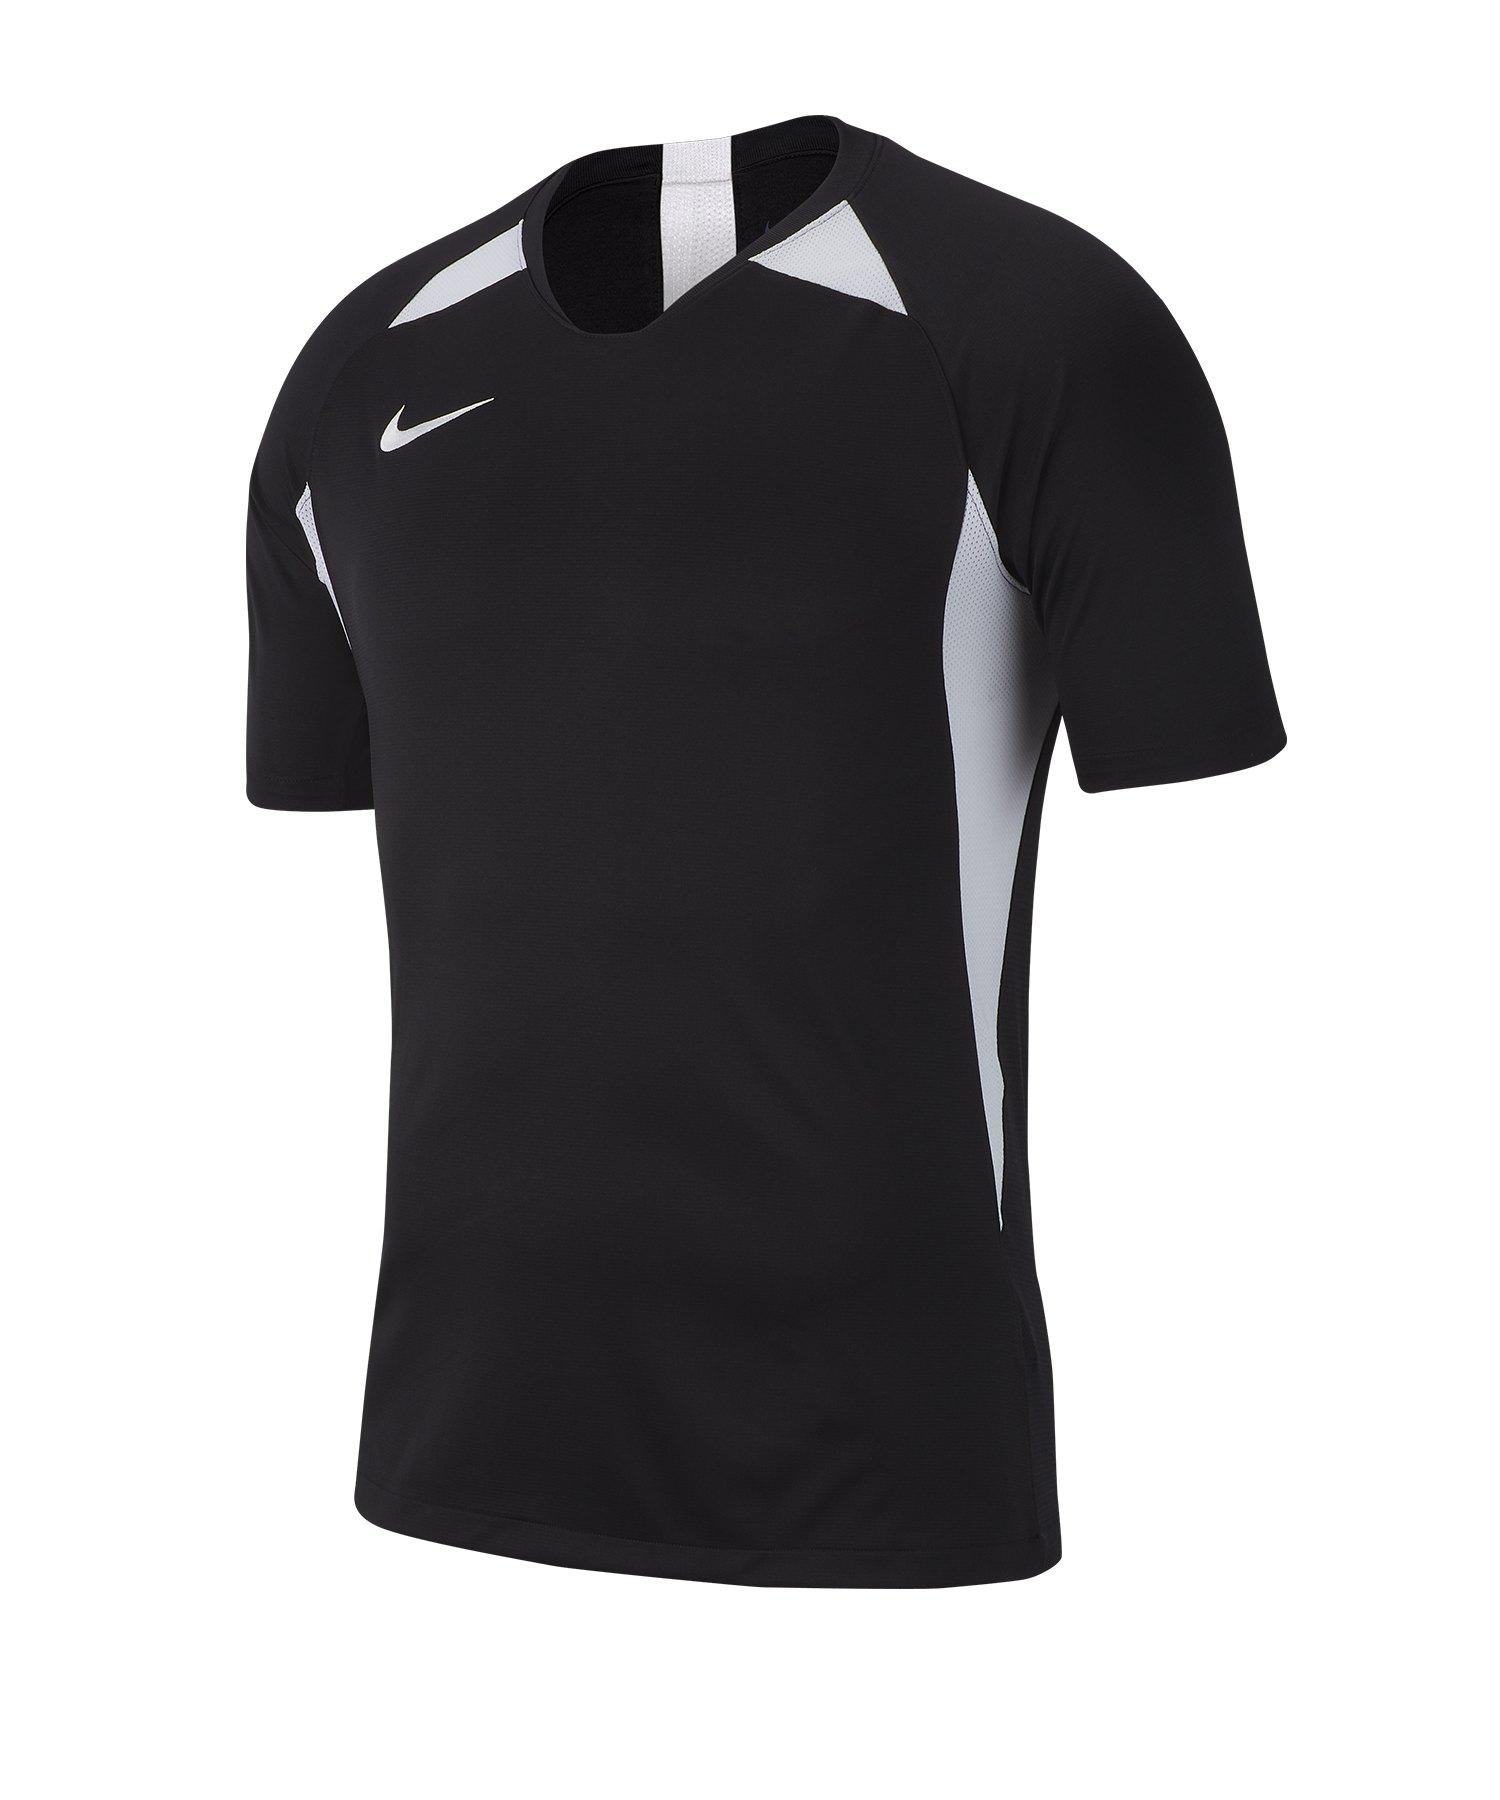 Nike Legend Trikot kurzarm Schwarz Weiss F010 - schwarz